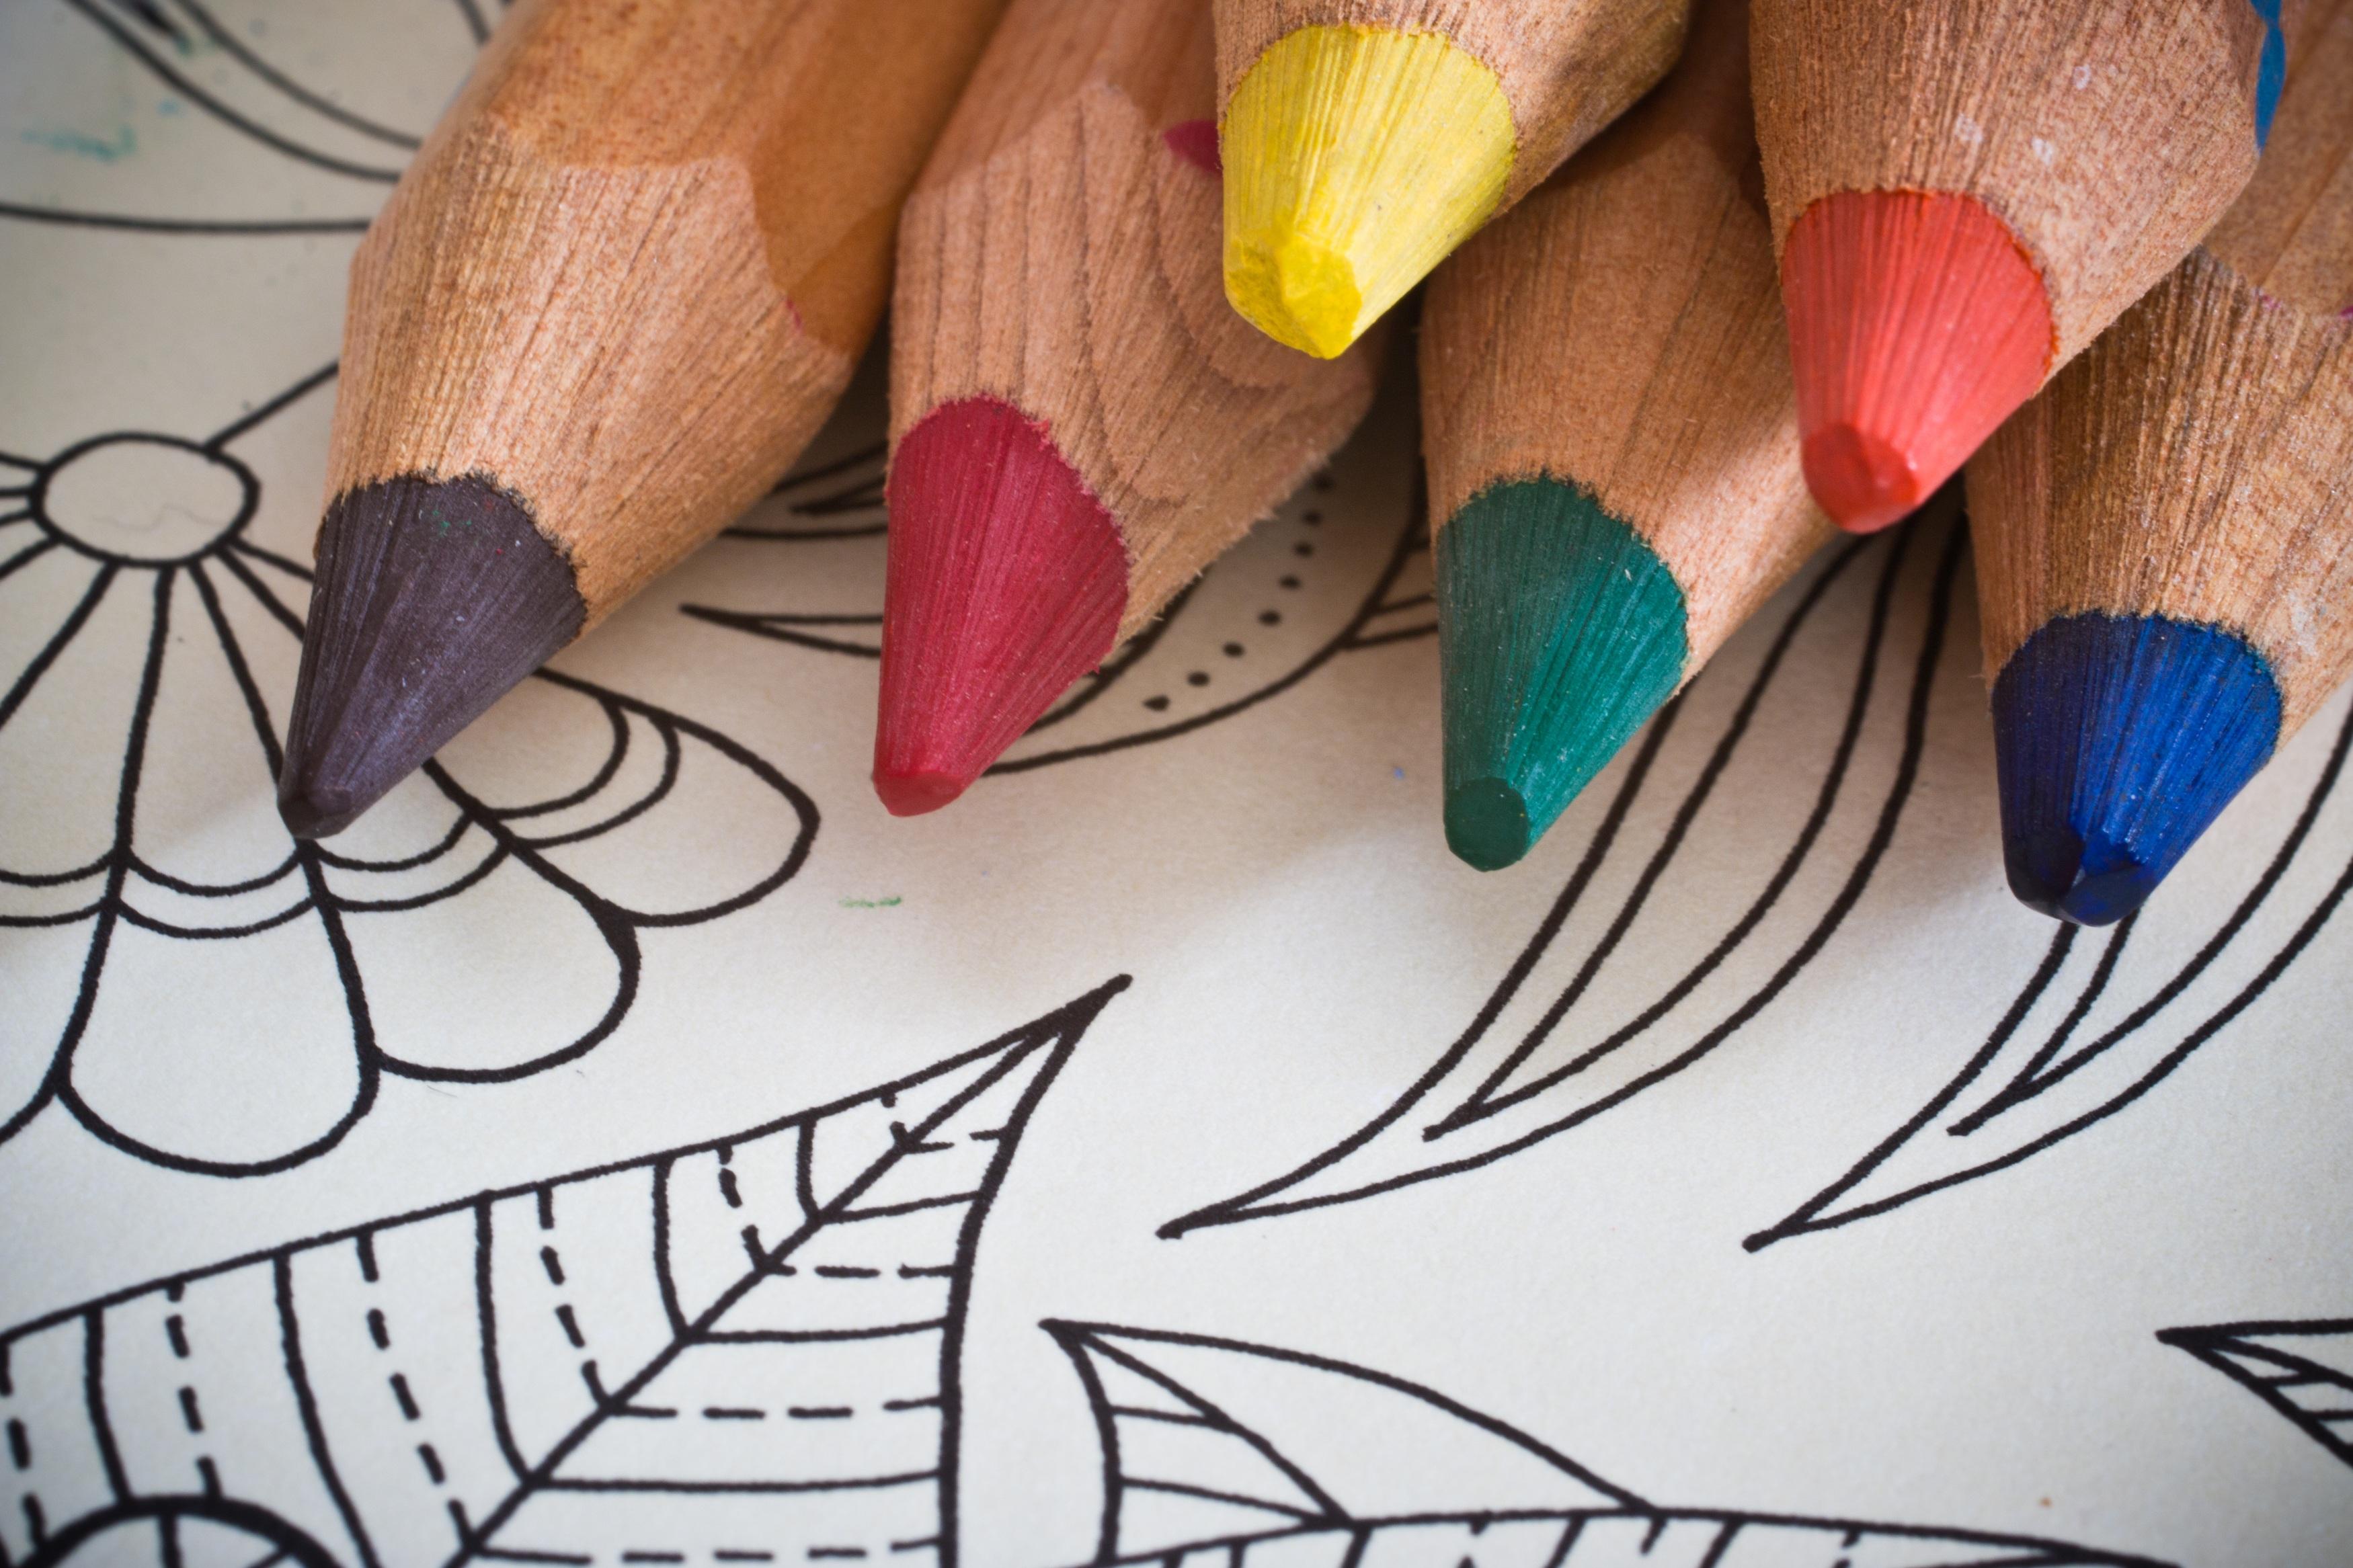 Fotos gratis : mano, creativo, patrón, dedo, color, pintar, uña ...